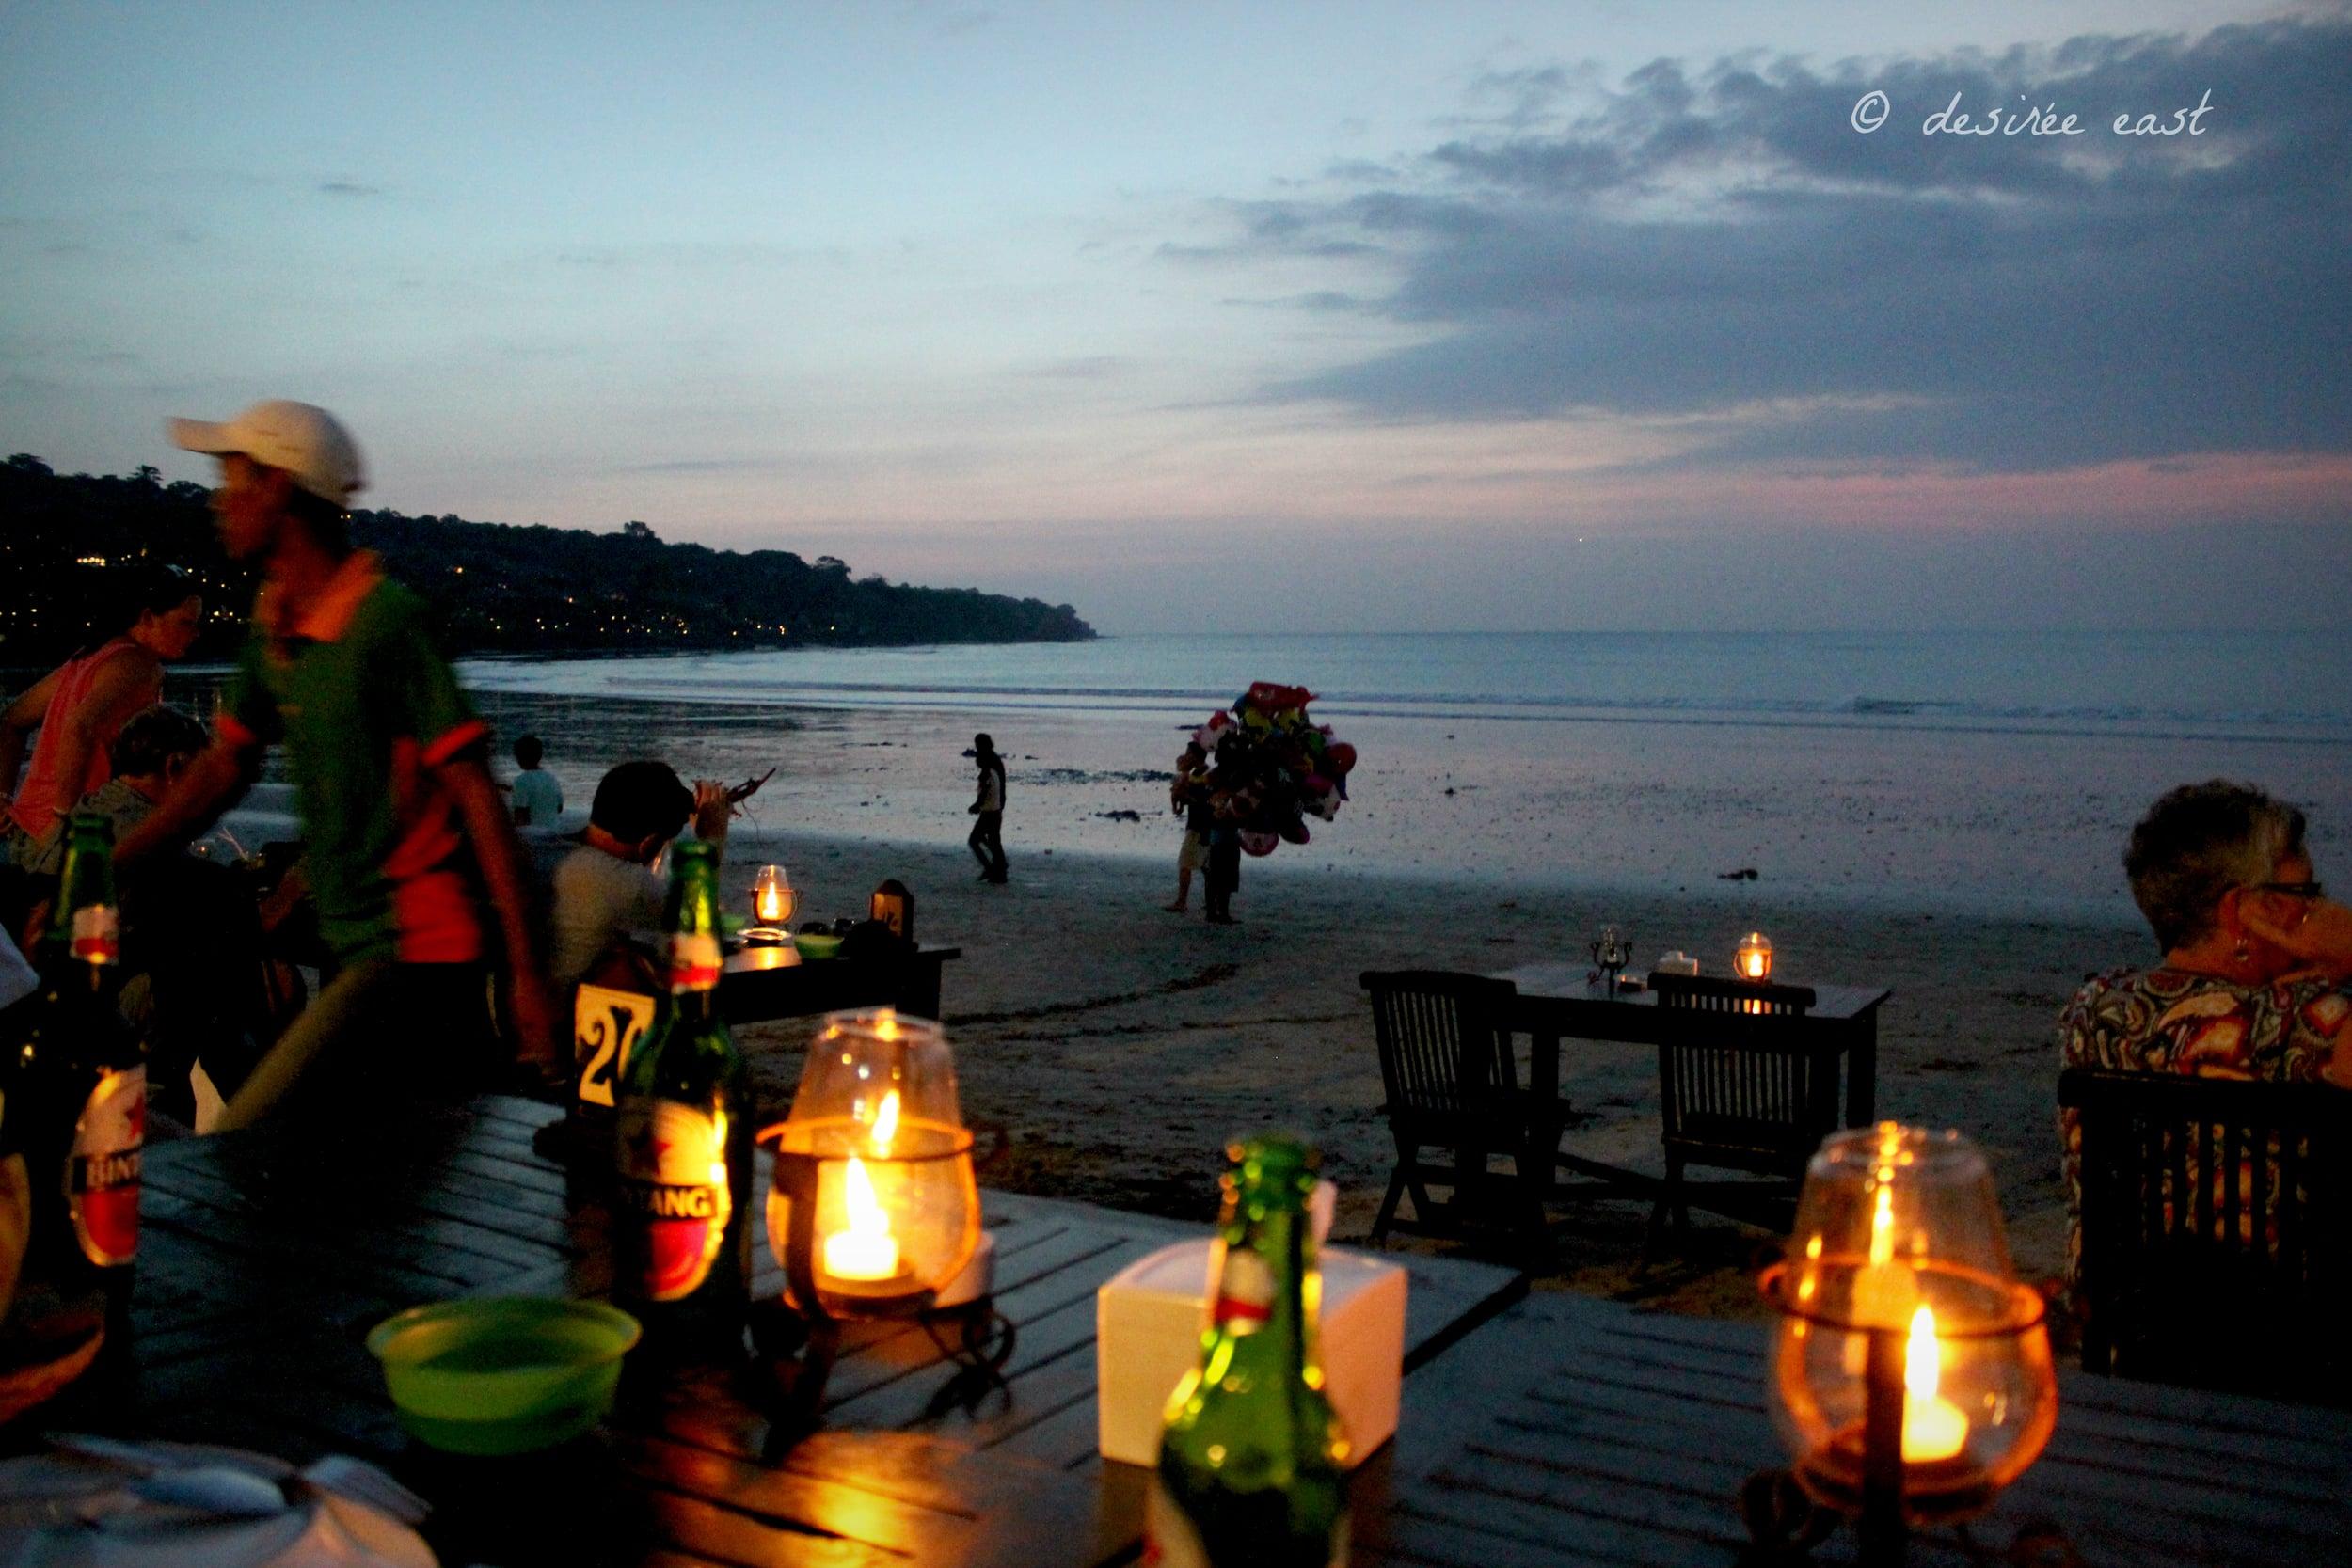 seafood dinner on the beach. jimbaran, bali. photo by desiree east